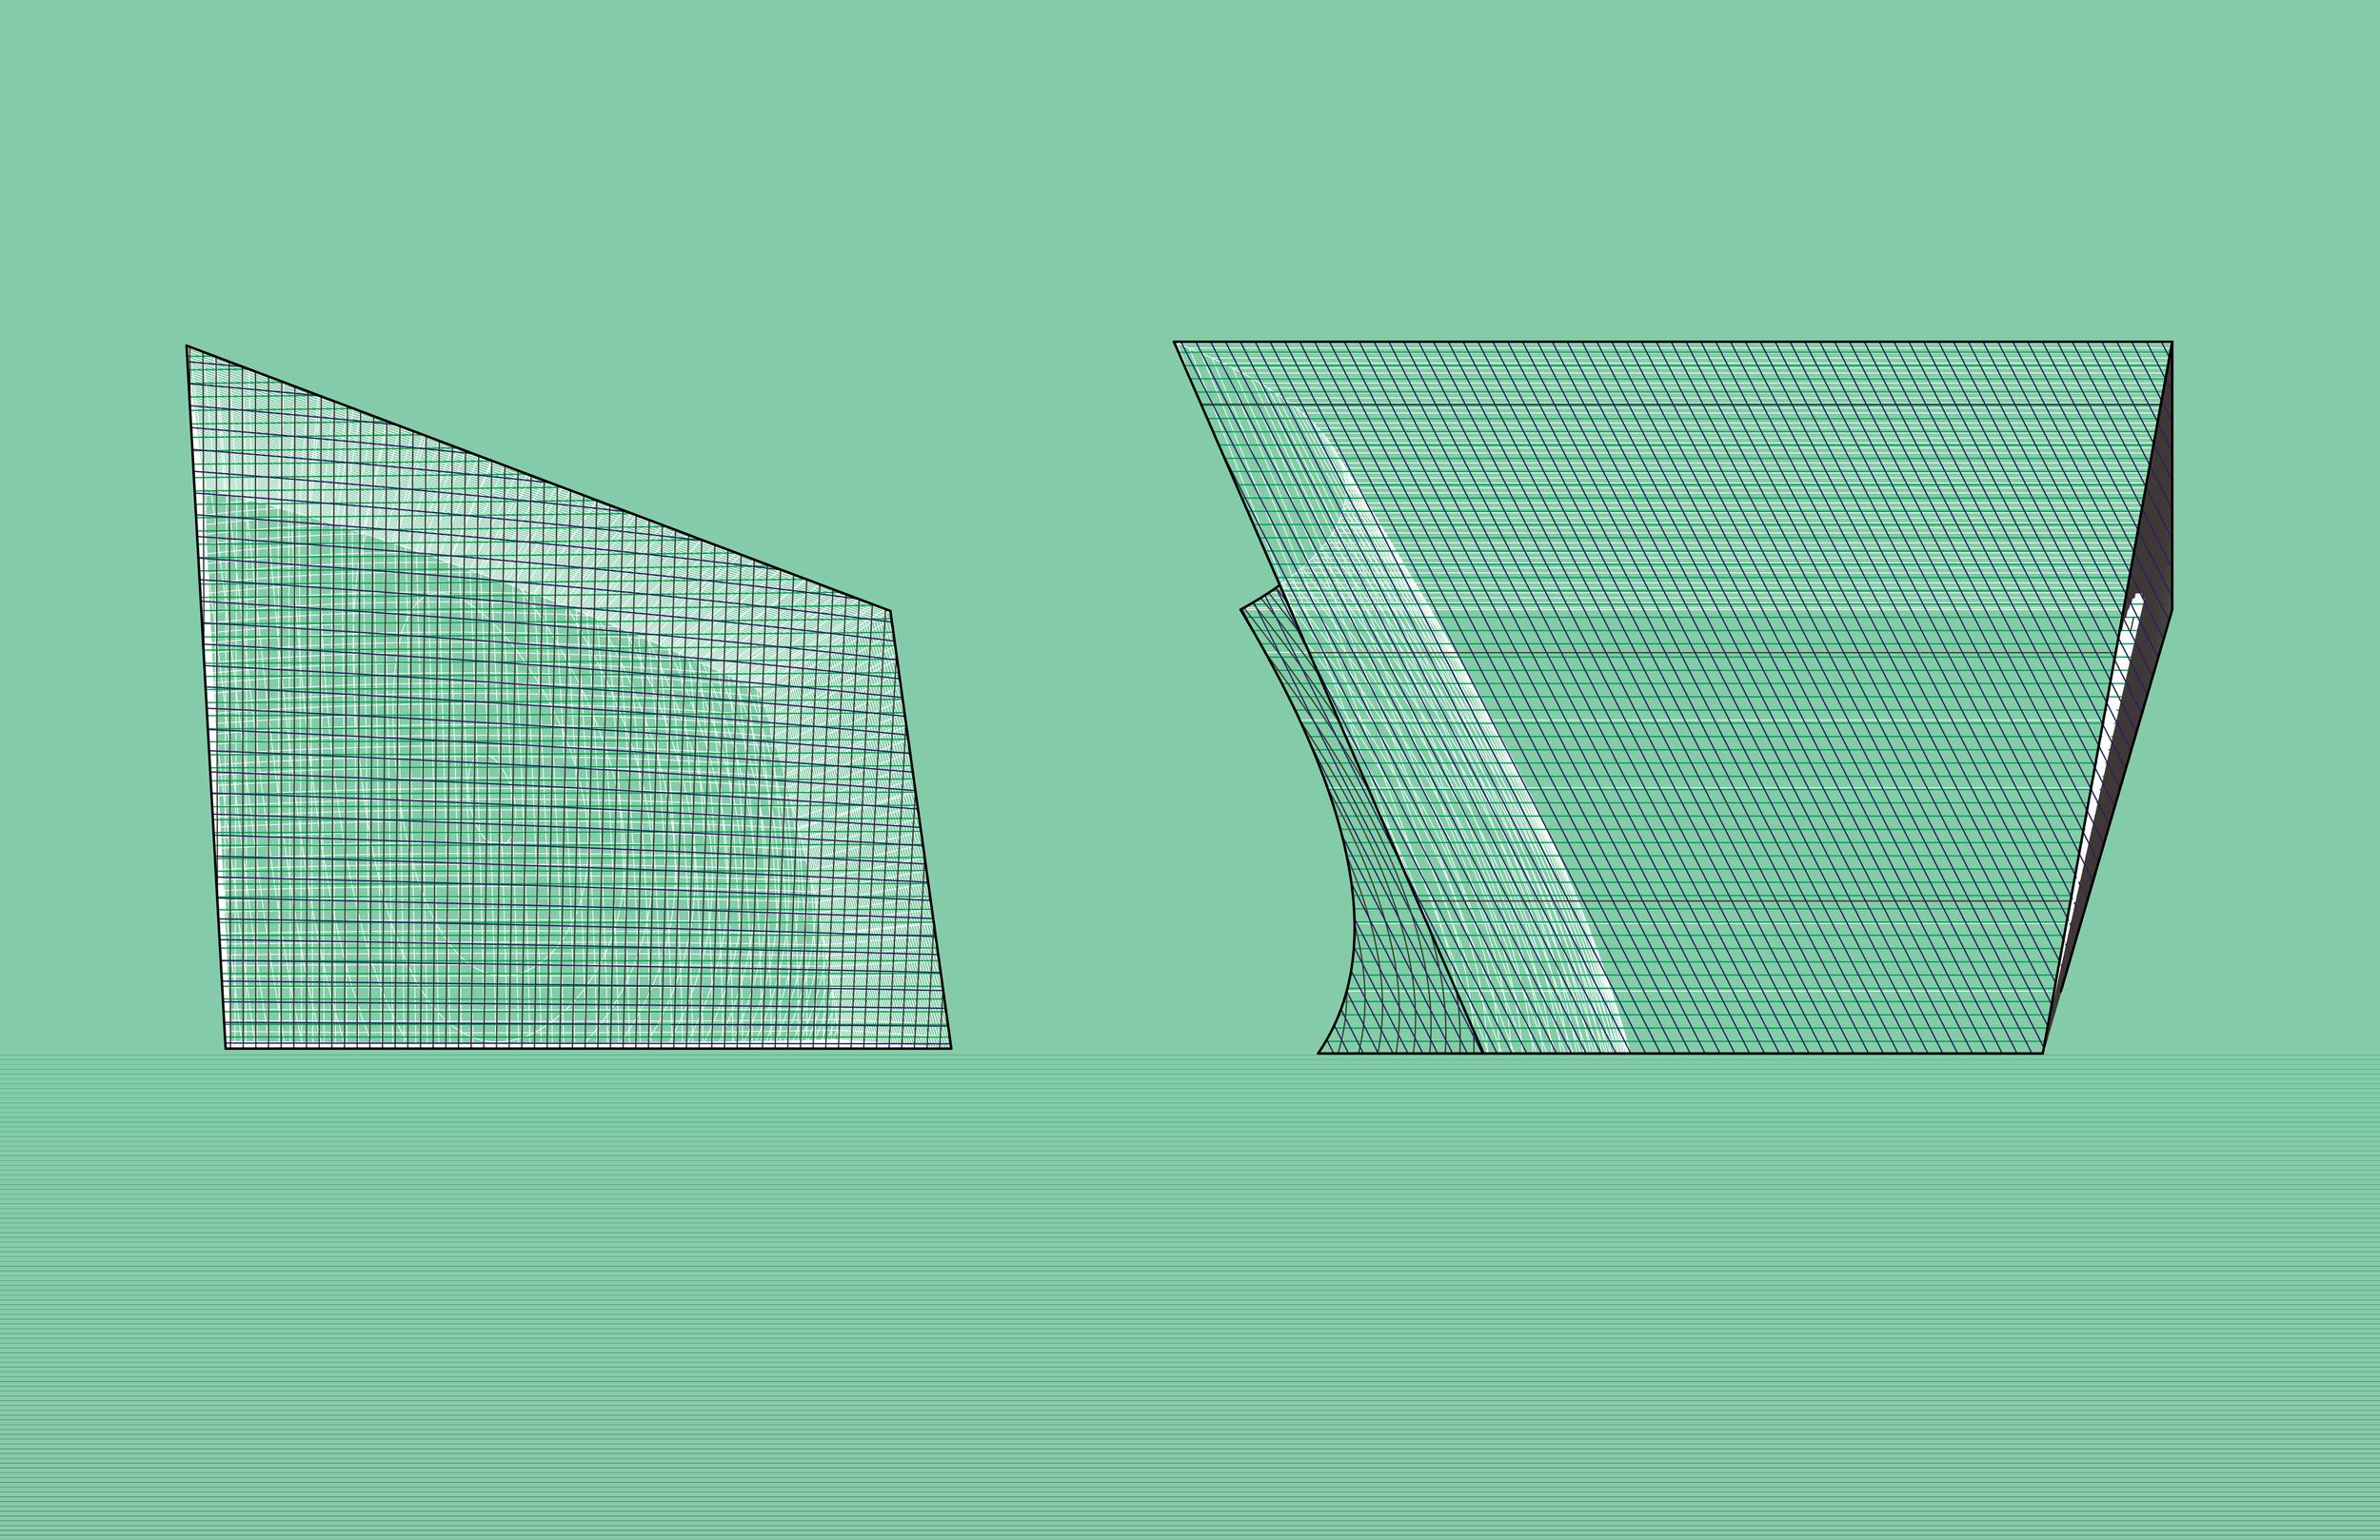 LA FORUM-Line Drawings_Mint-9.jpg